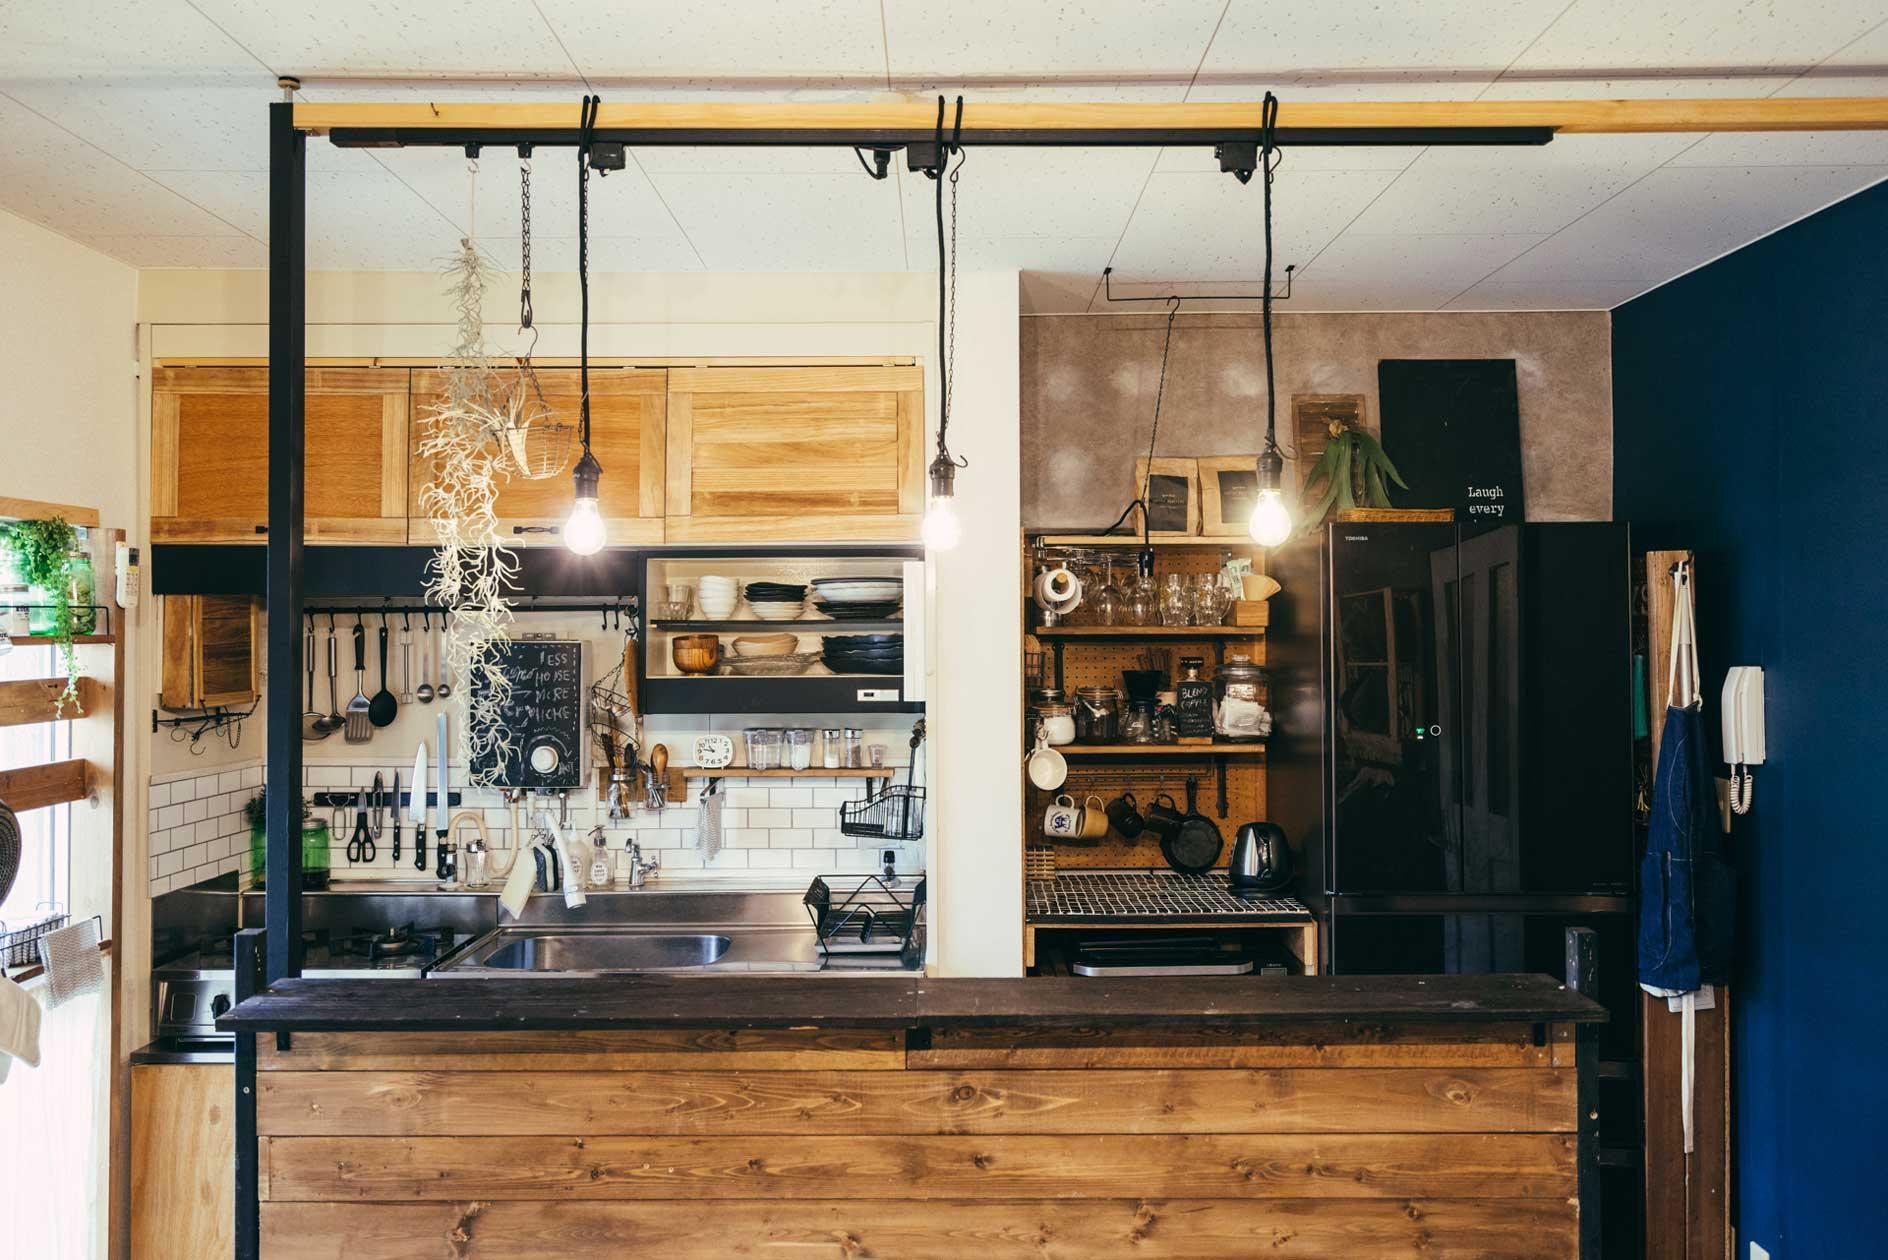 柱と柱の間にも木材を渡せば、カウンター上のライティングレールも作れます(このお部屋はこちら)